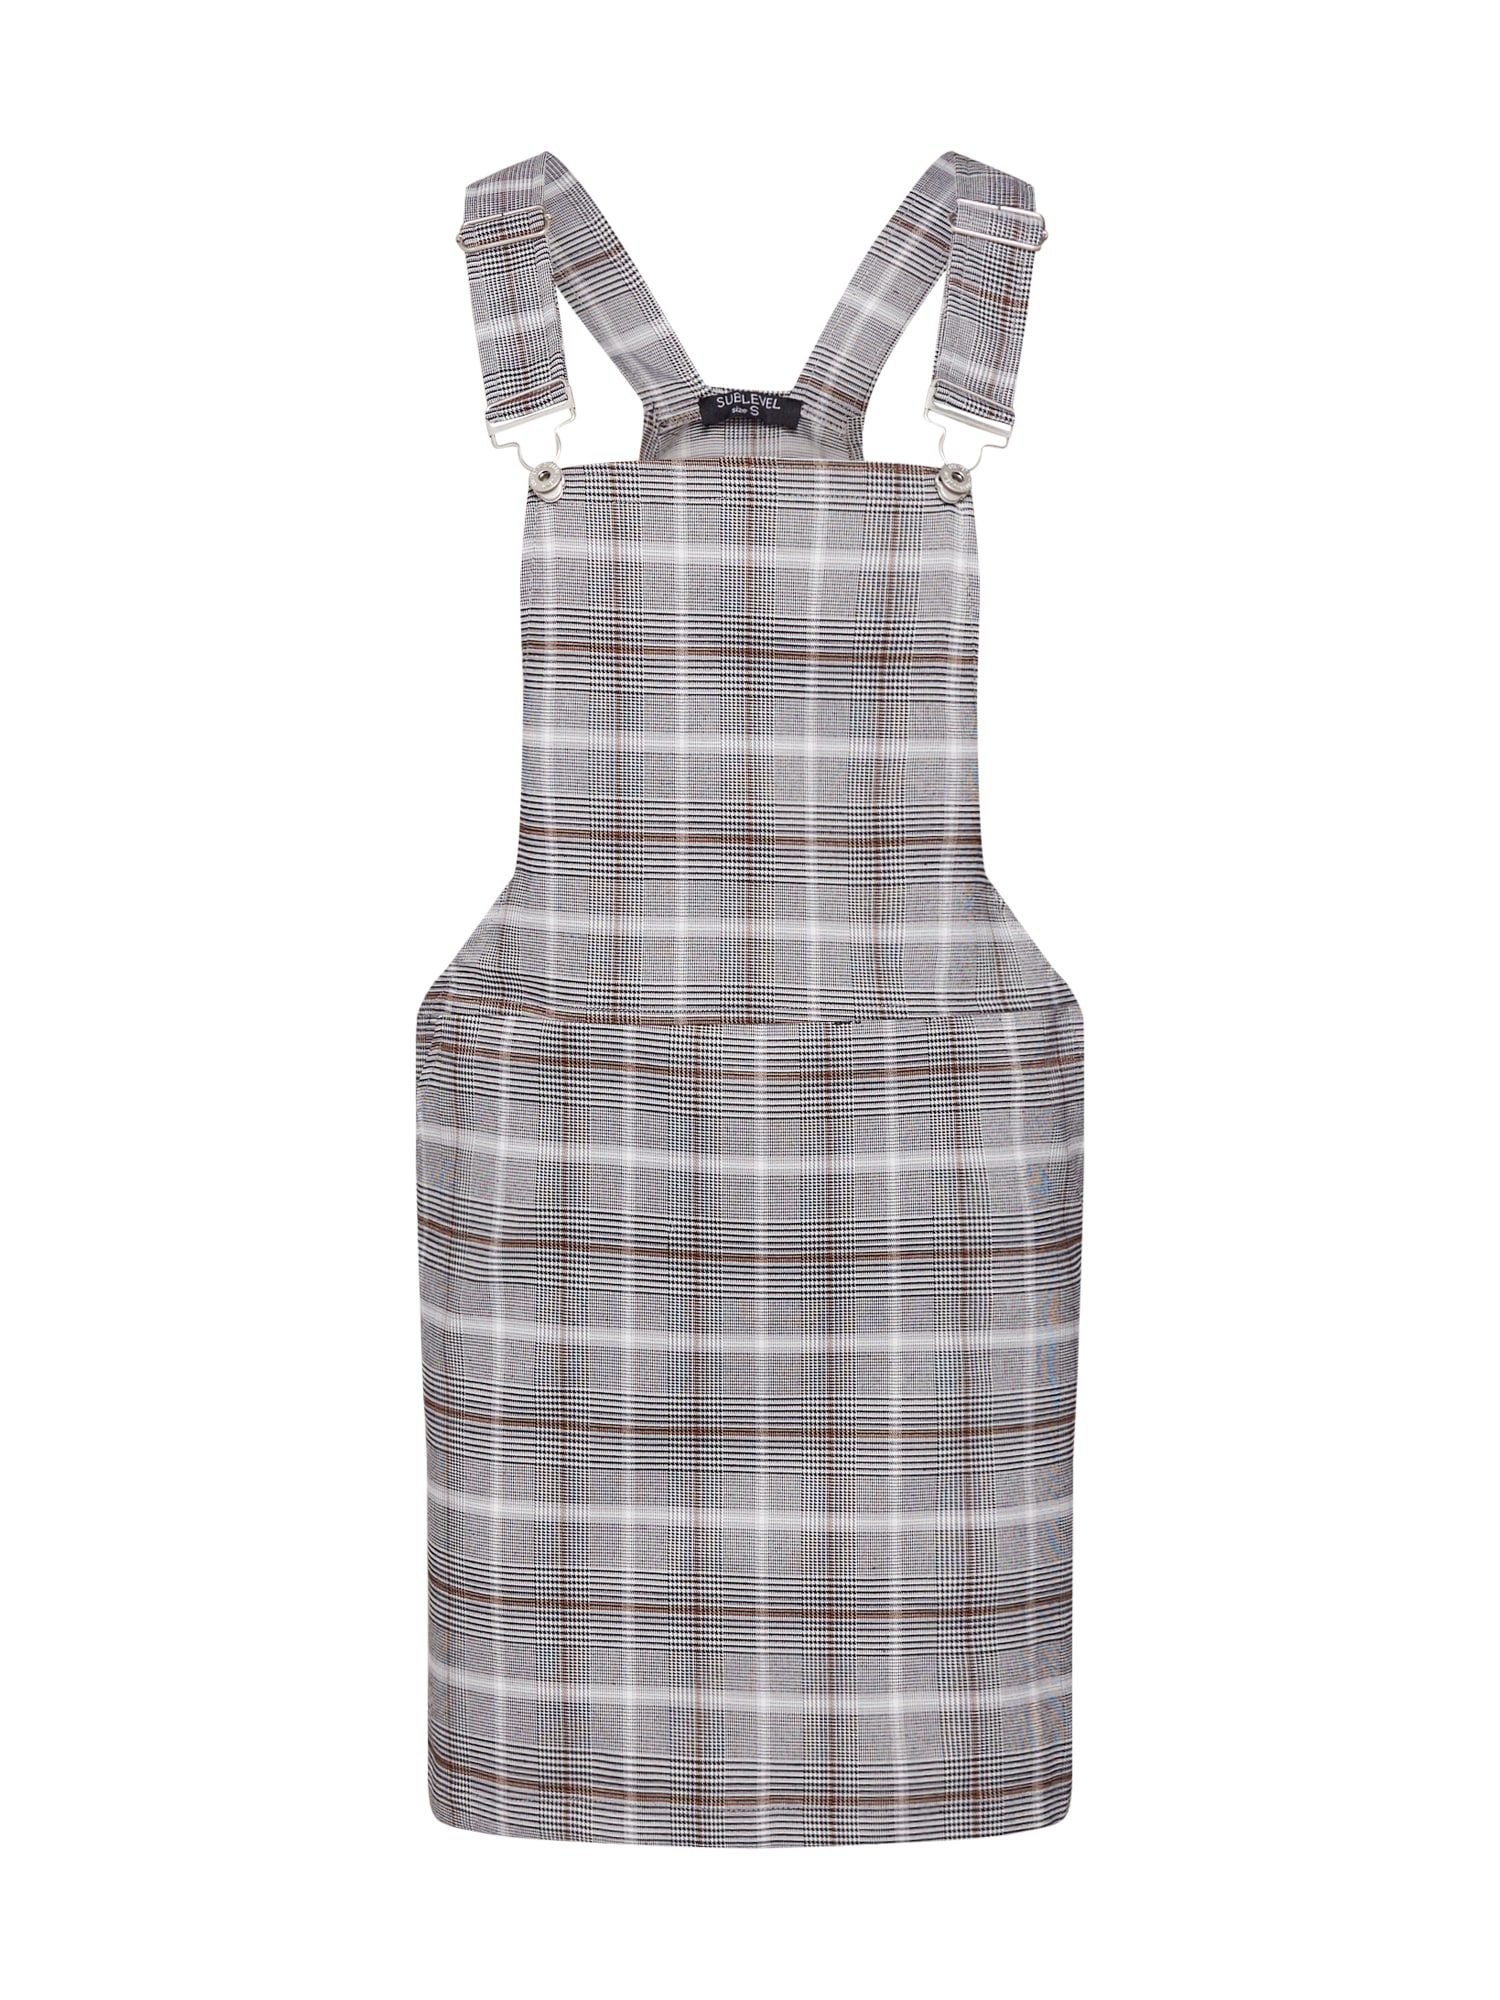 Laclová sukně hnědá šedá bílá Sublevel